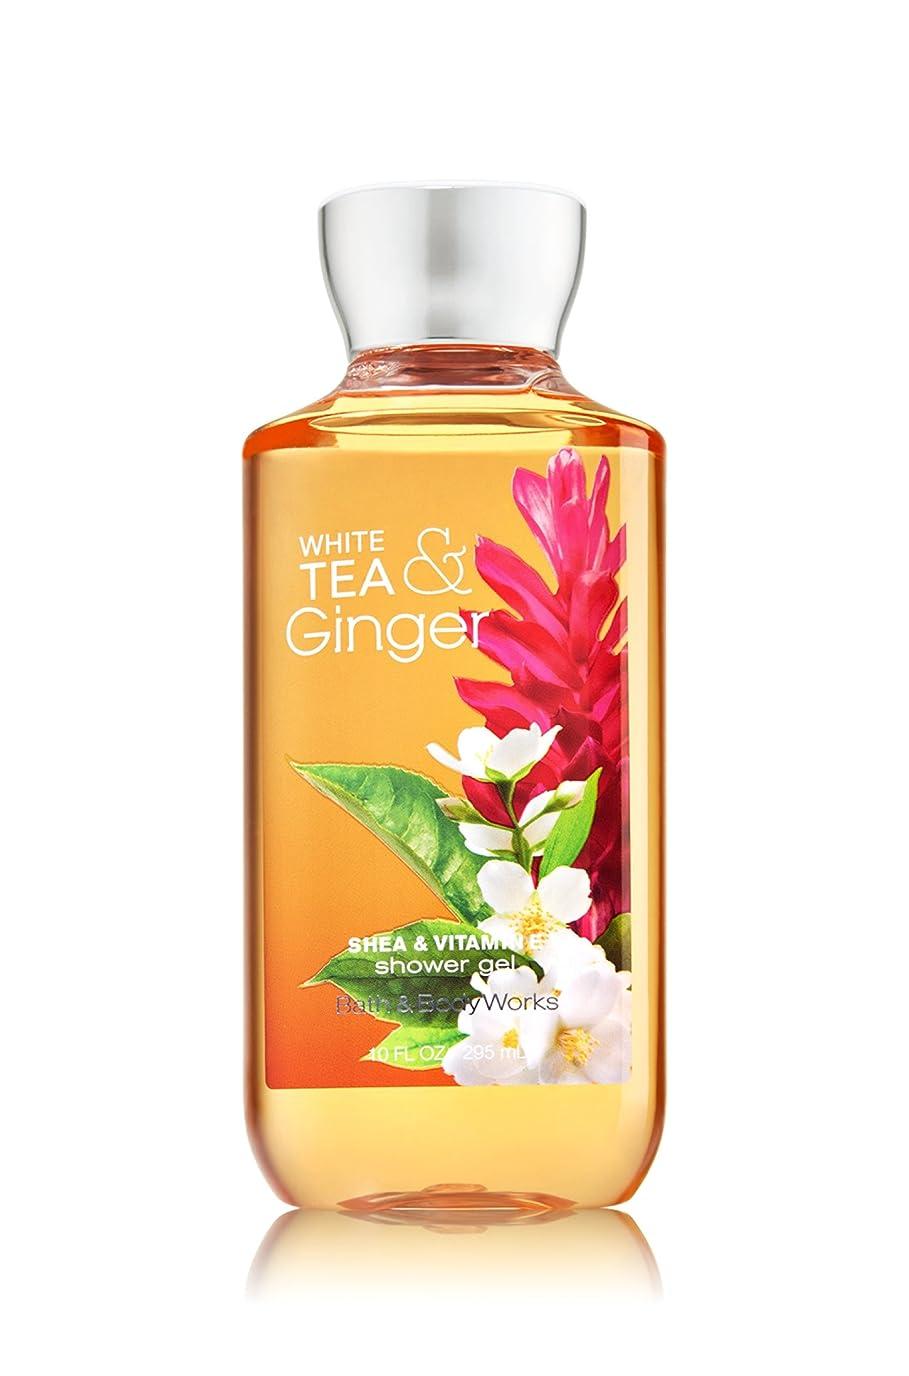 グラディス襲撃保持する【Bath&Body Works/バス&ボディワークス】 シャワージェル ホワイトティー&ジンジャー Shower Gel White Tea & Ginger 10 fl oz / 295 mL [並行輸入品]